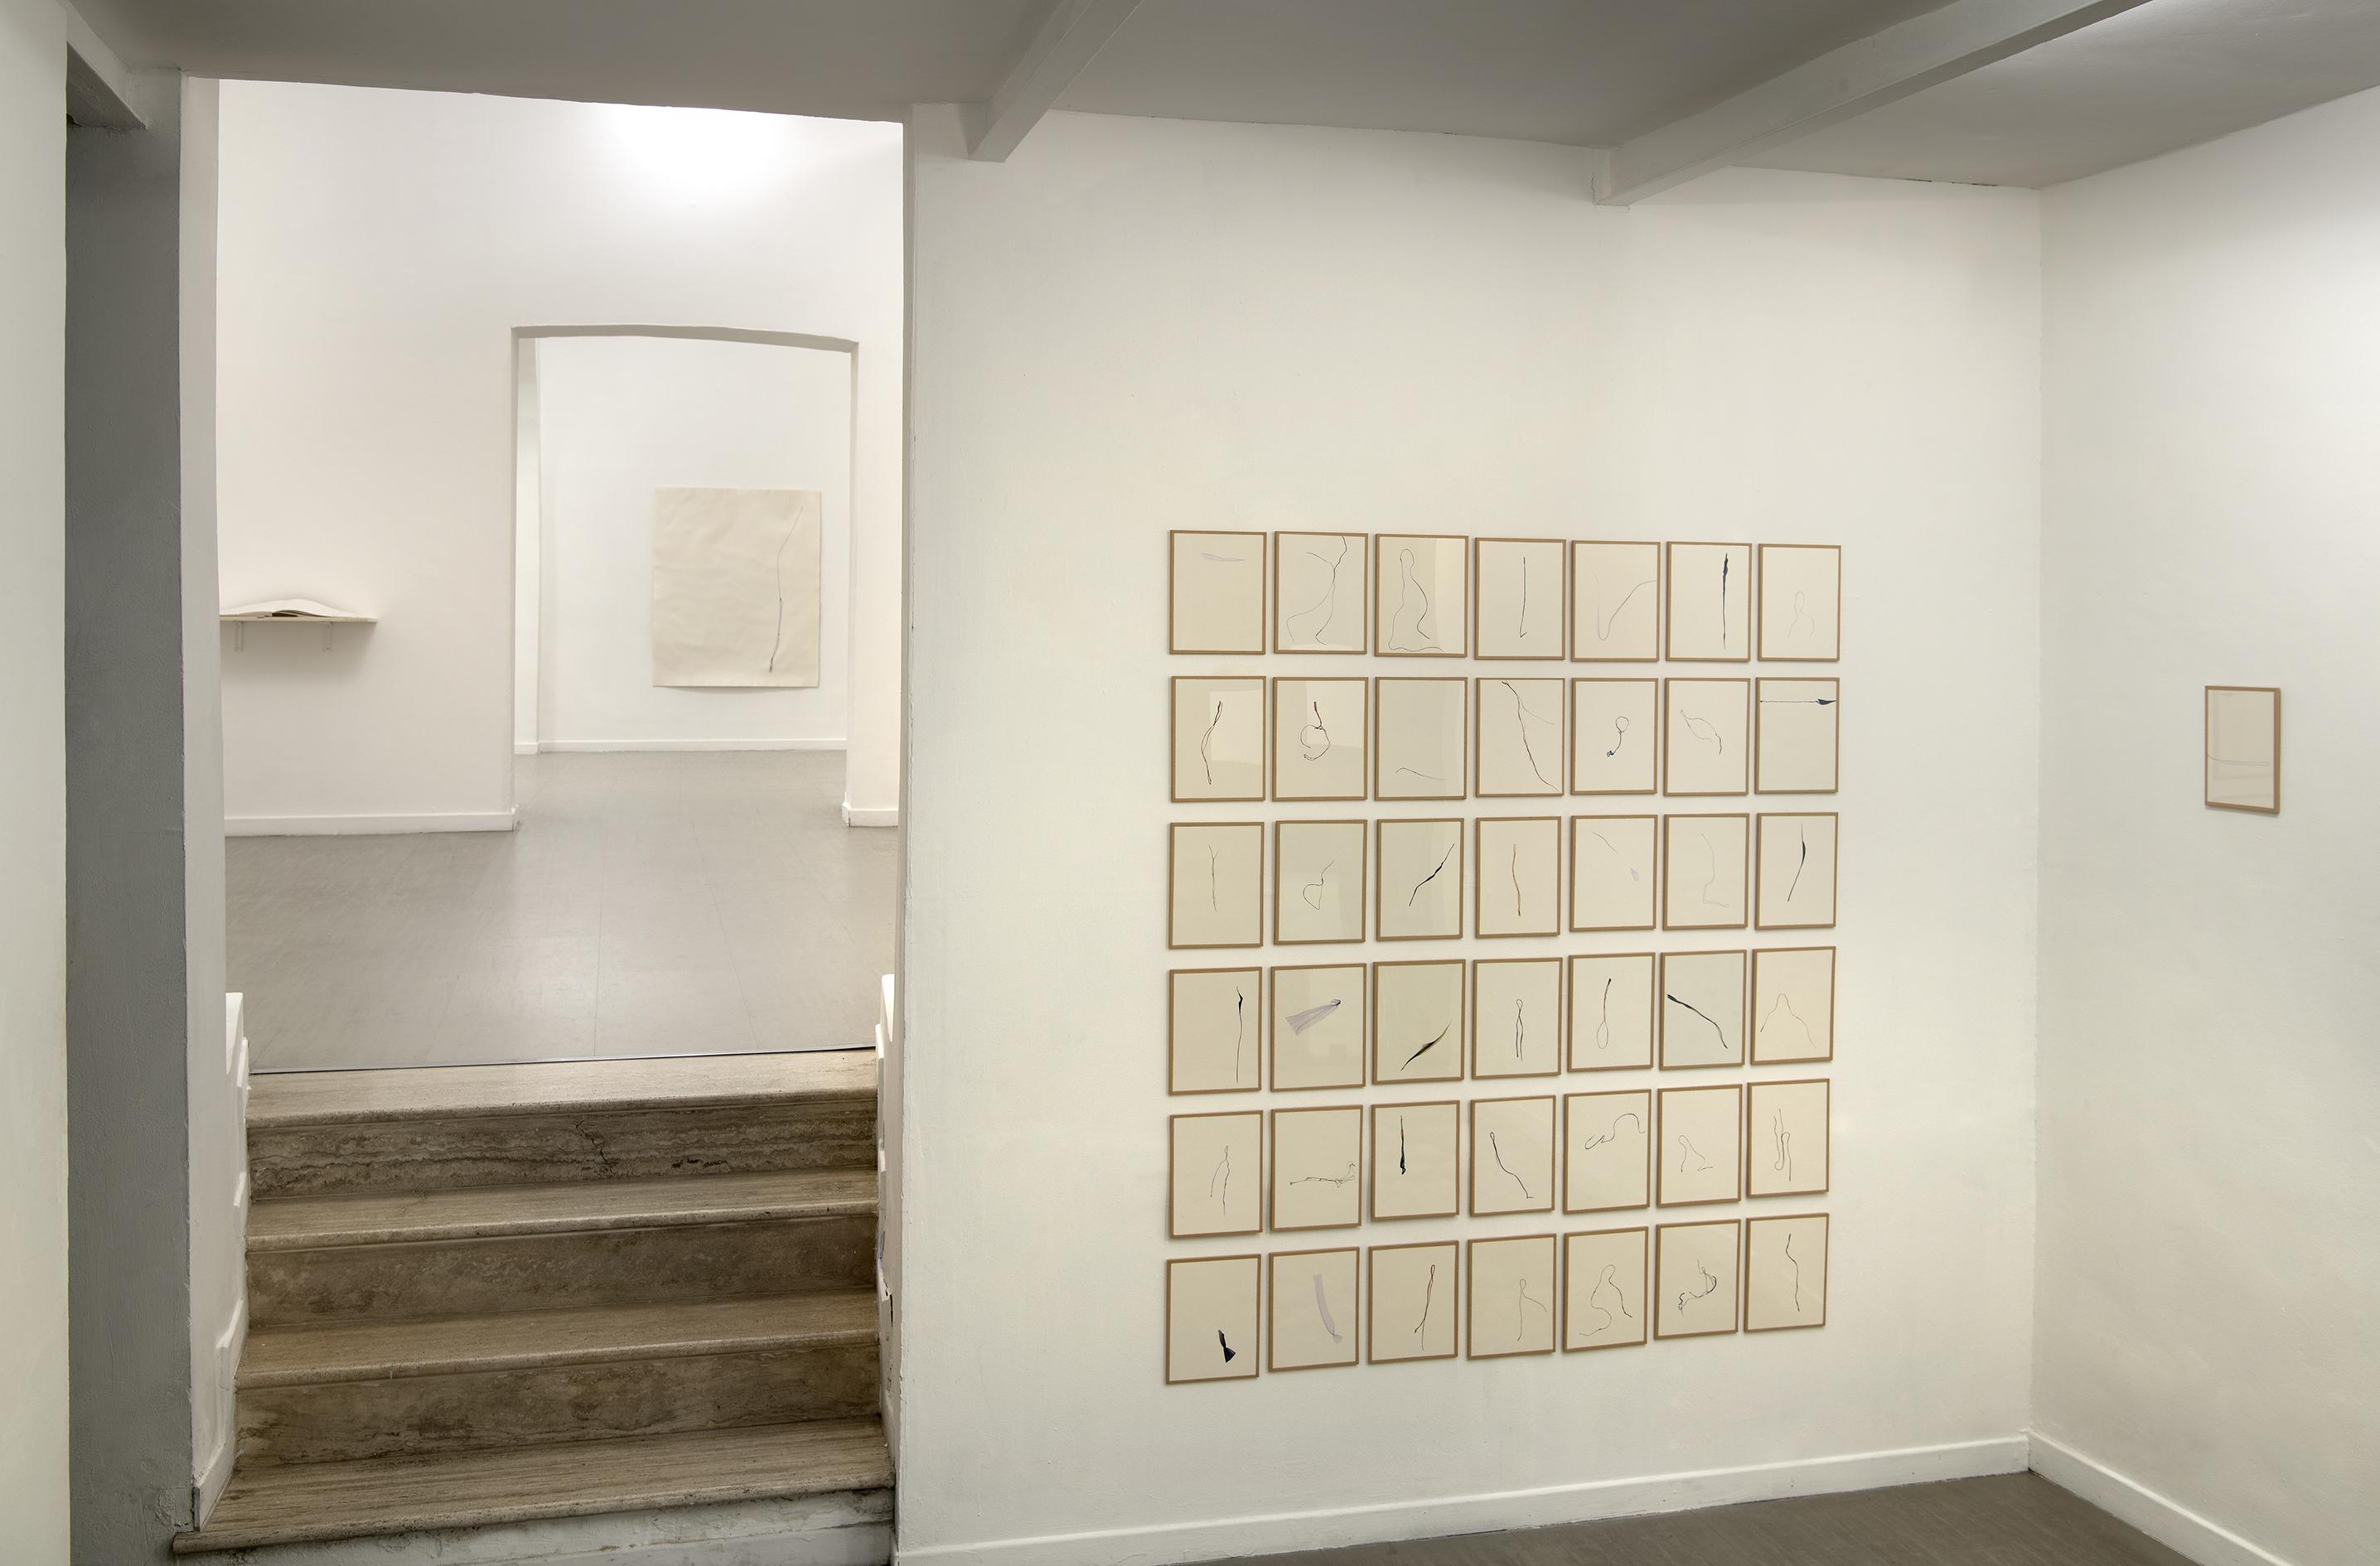 Beatrice Pediconi_Nude_Installation View_ First Room_ph.Giorgio Benni